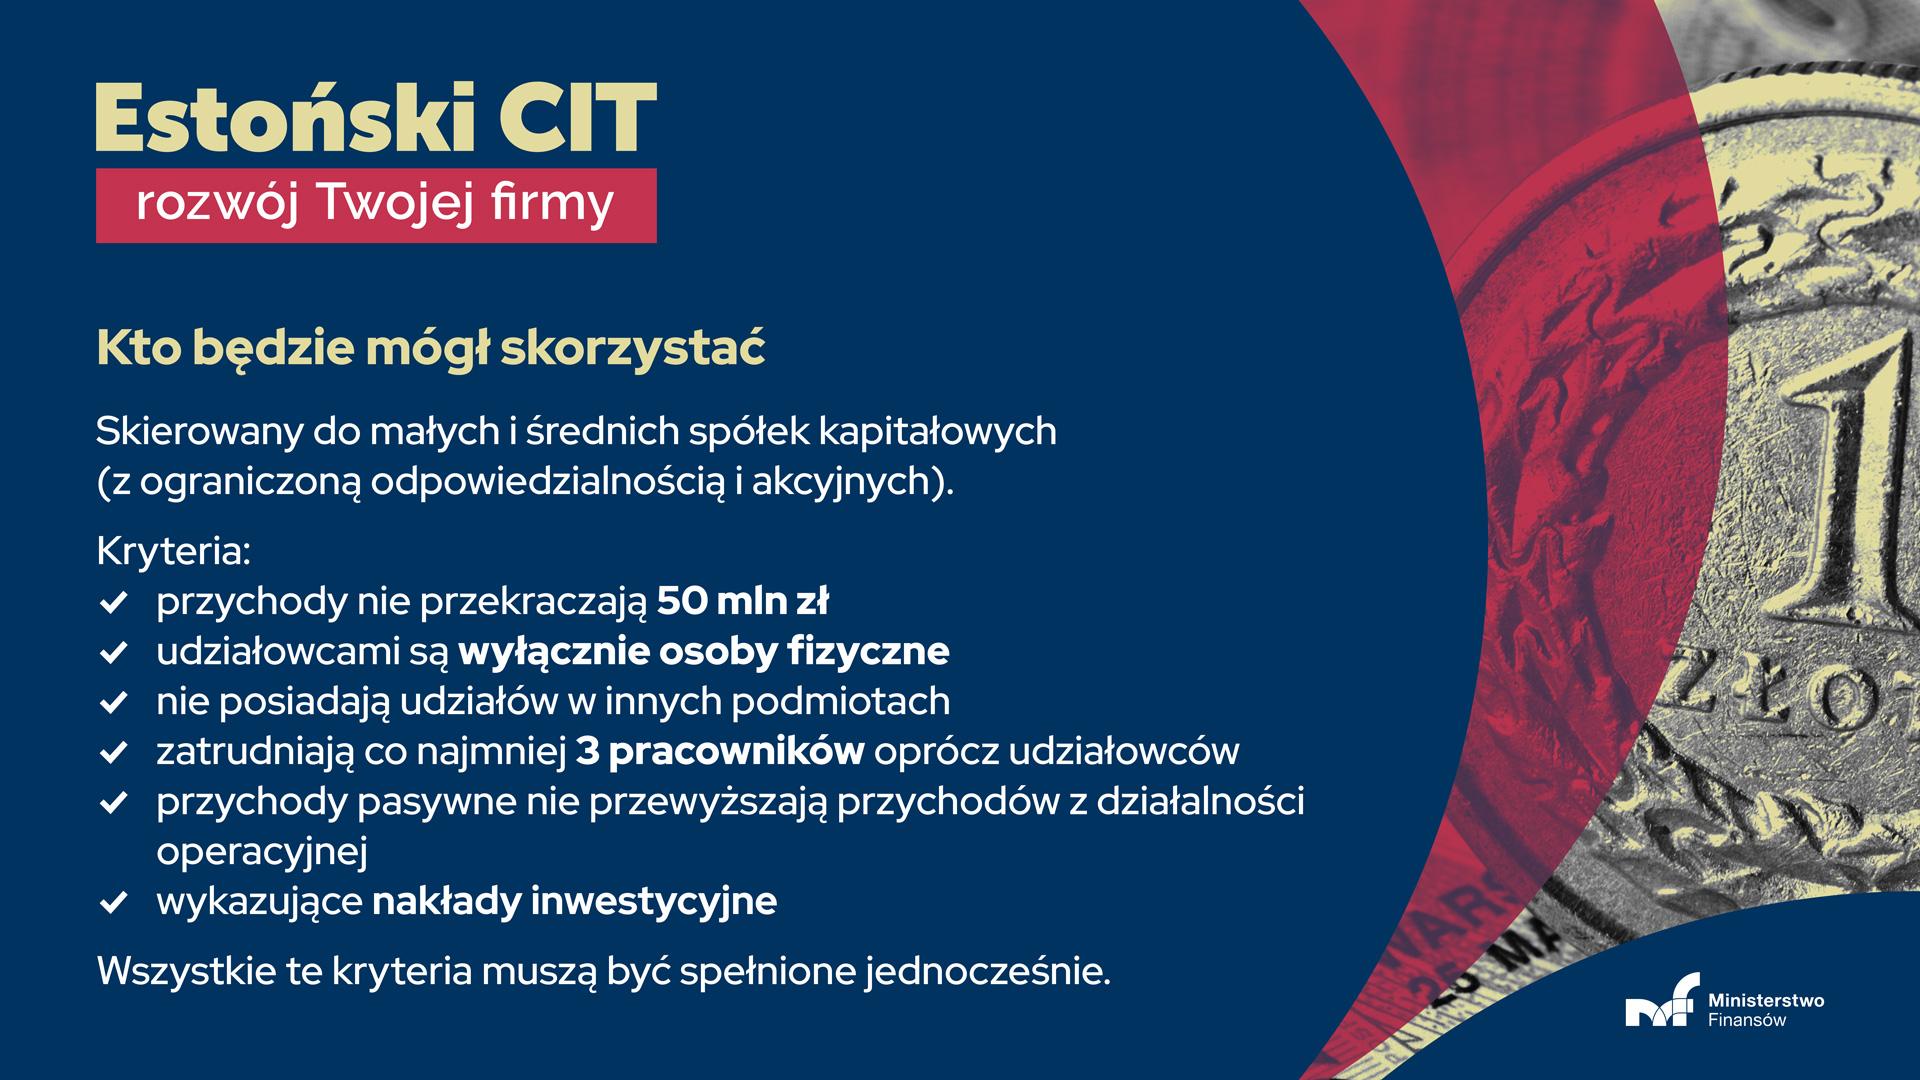 Widok: zbliżenie monety 1 zł. Napis: estoński CIT - rozwój twojej firmy. Kto będzie mógł skorzystać.